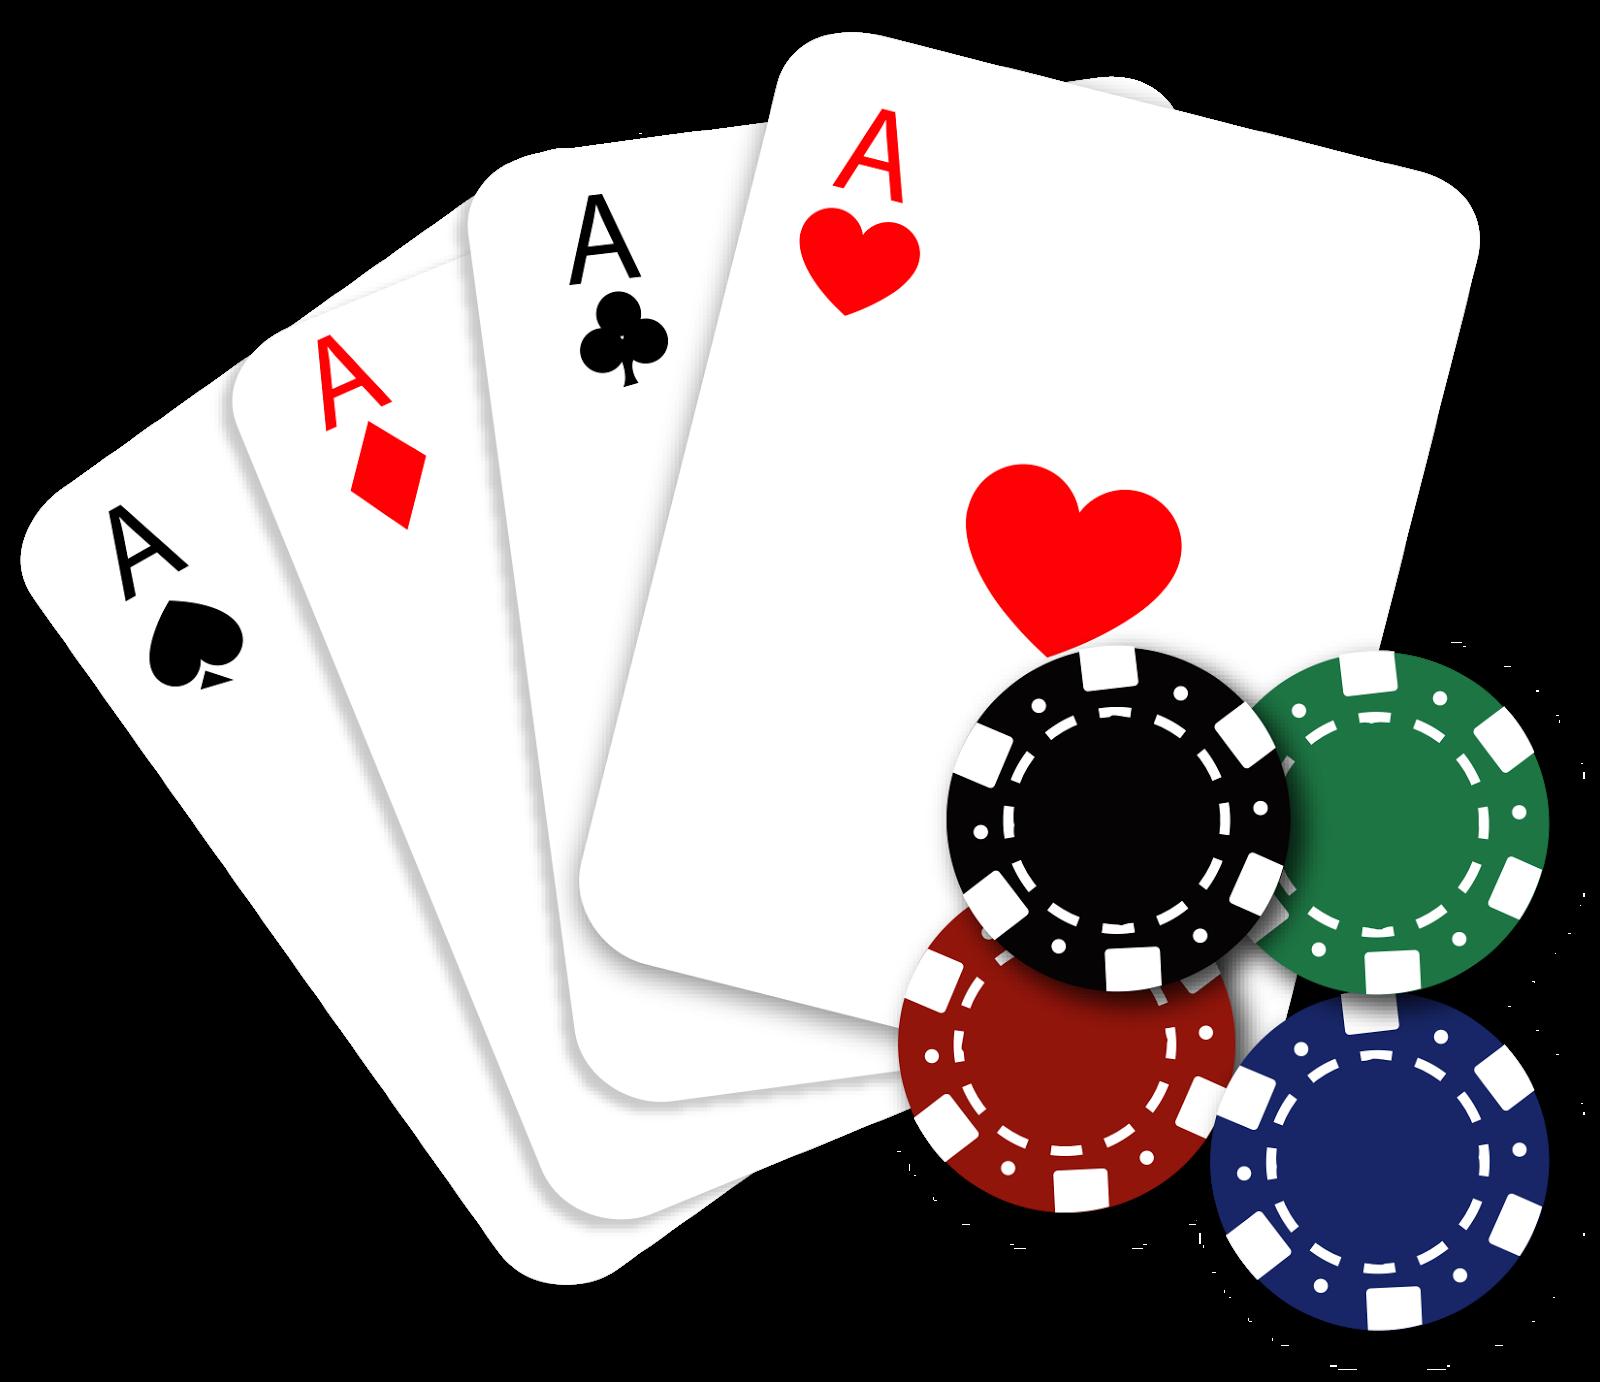 Mendengar Kata Poker Online Semua Pasti Tahu Permainan Ini Adalah Salah Satu Cabang Permainan Kartu Yang Ada Pada Saat I Playing Cards Design Poker Poker Cards